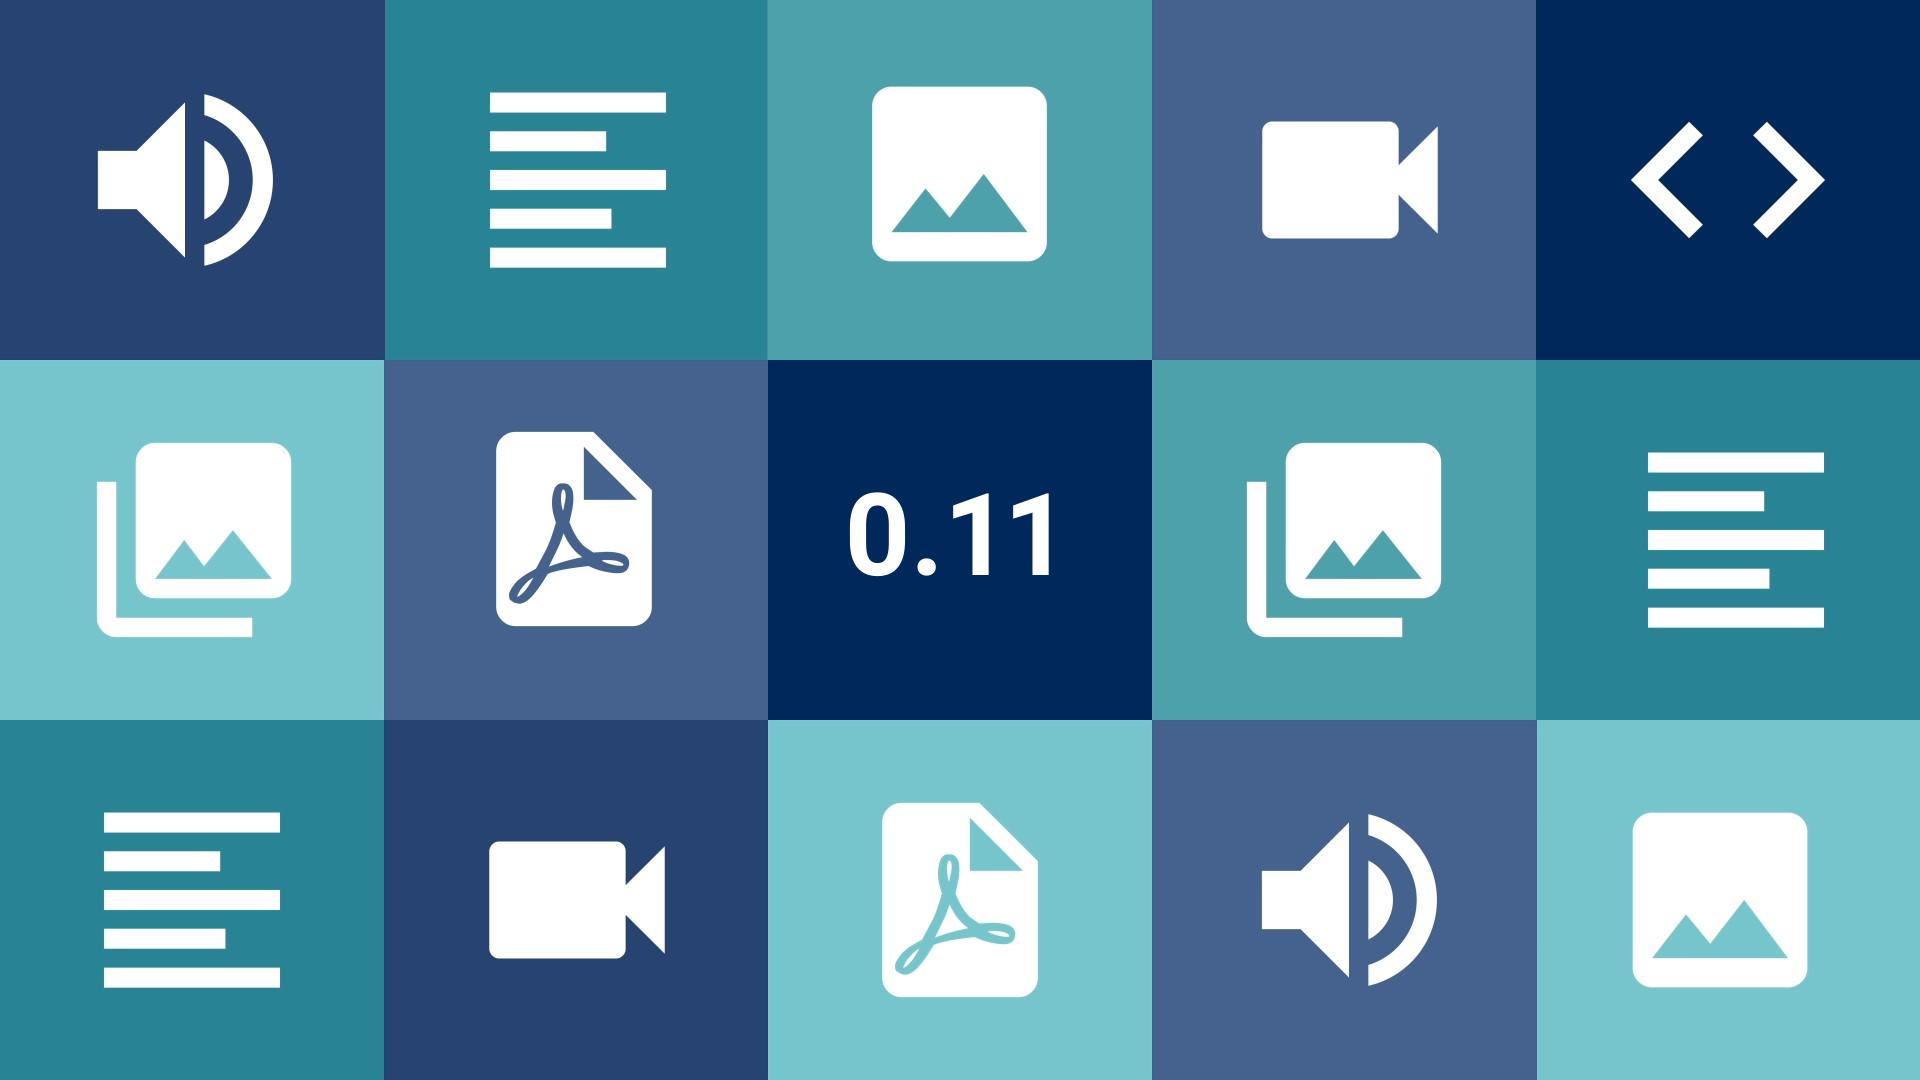 Imagem de Capa da Versão 0.11